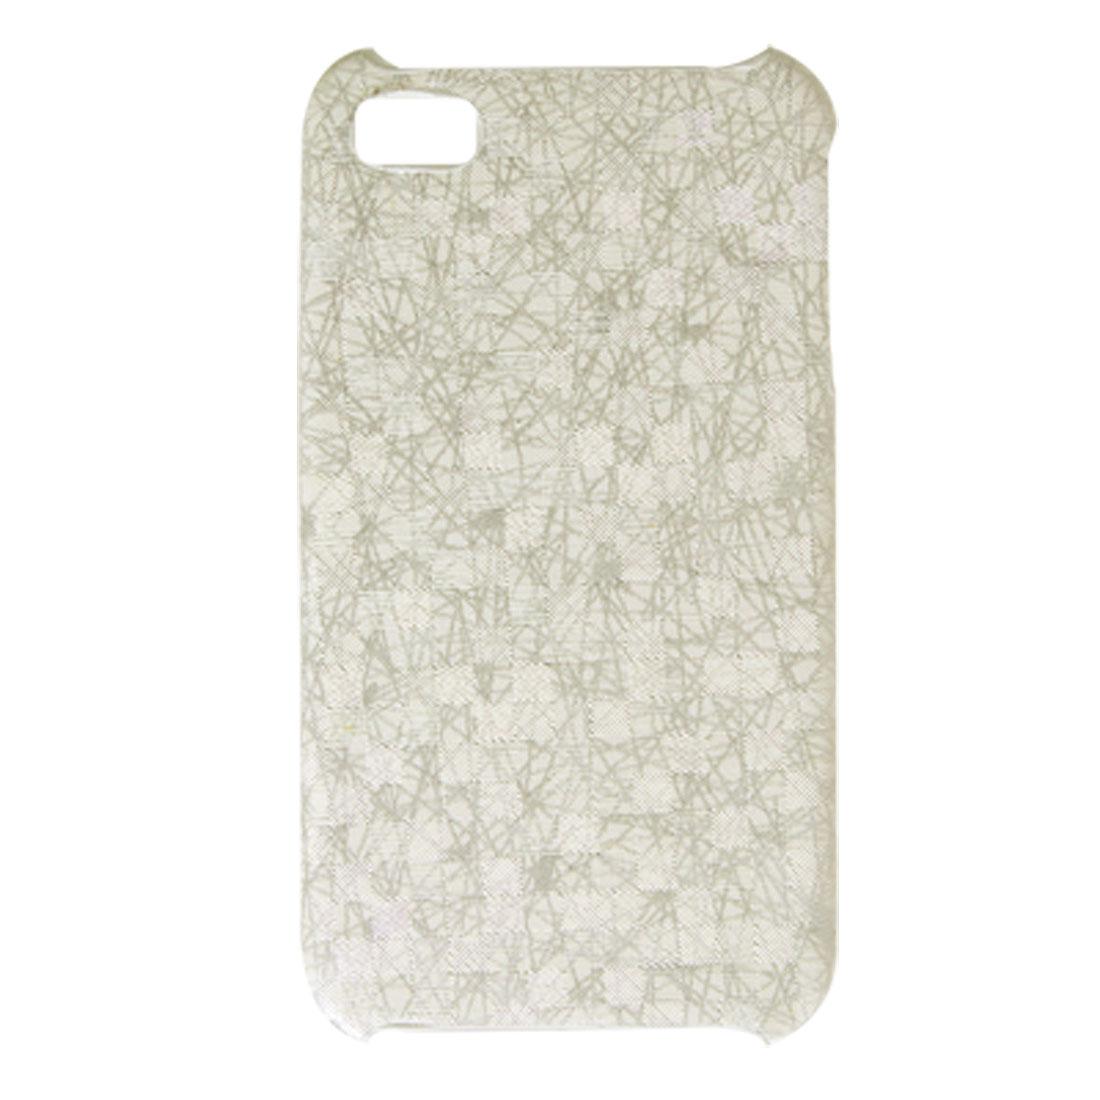 White Gray Hard Plastic Cover Nonslip Case for iPhone 4 4G